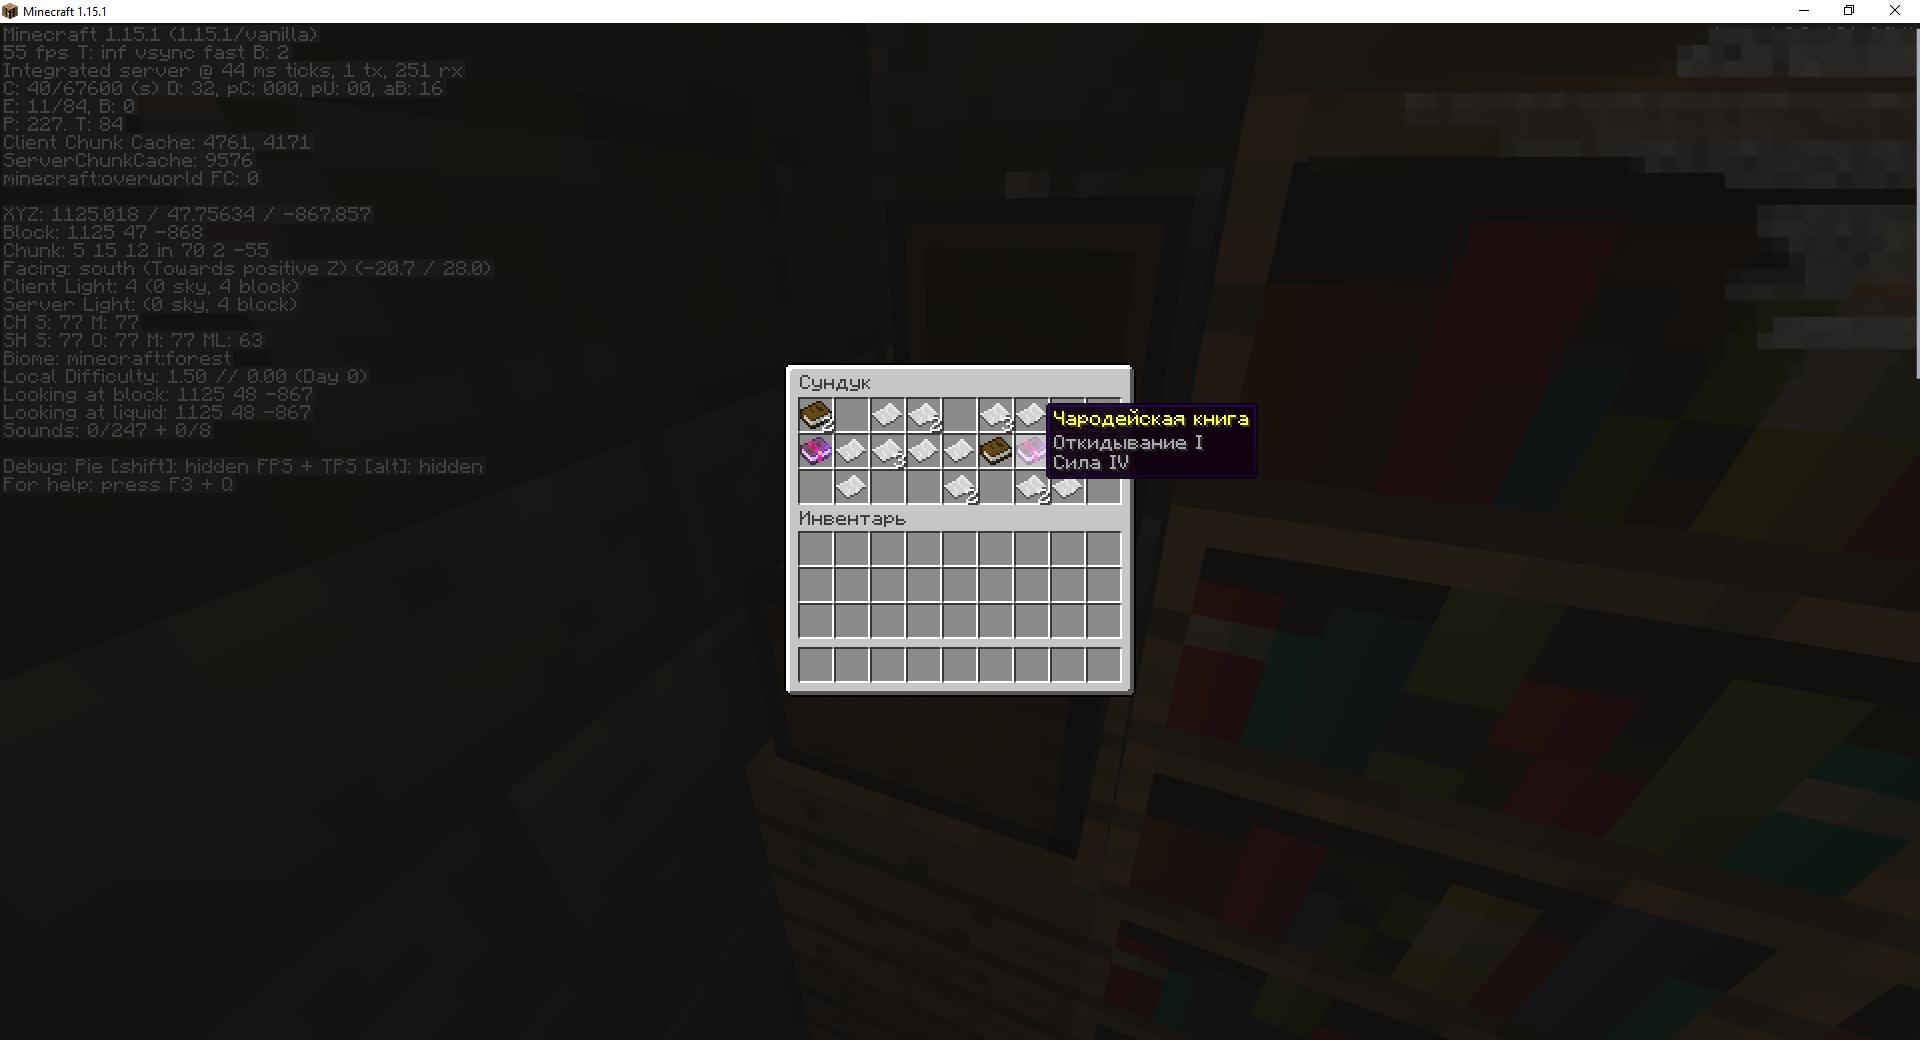 Сид «Подземная крепость и портал в край» - скриншот 9